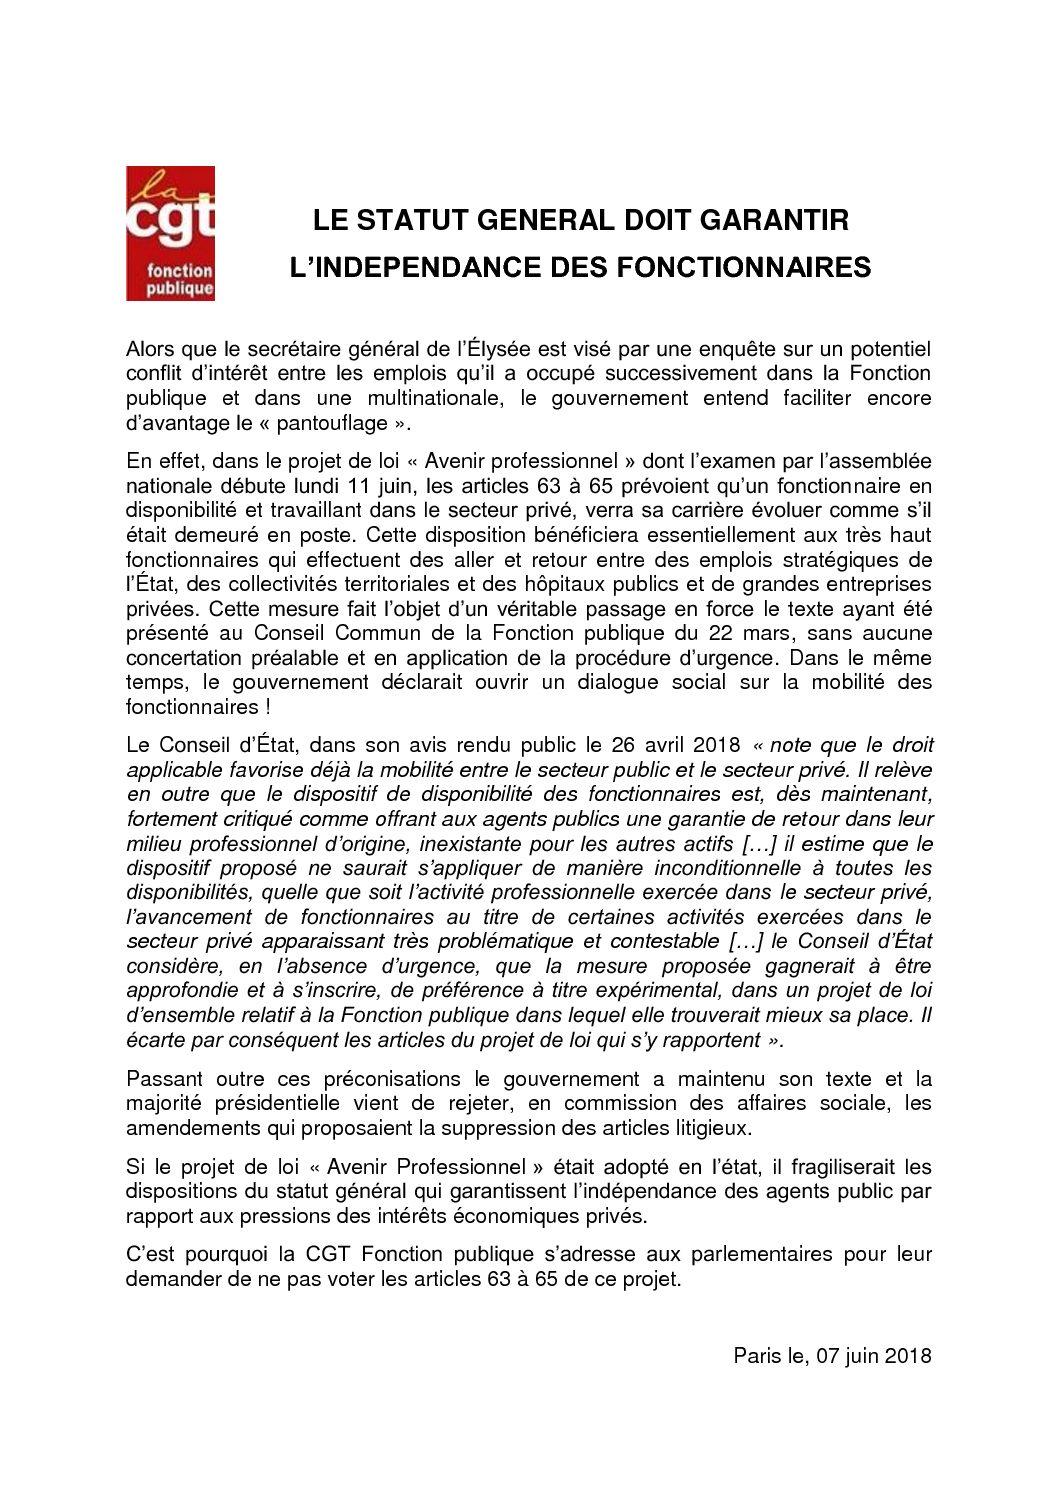 Le Statut General Doit Garantir L Independance Des Fonctionnaires